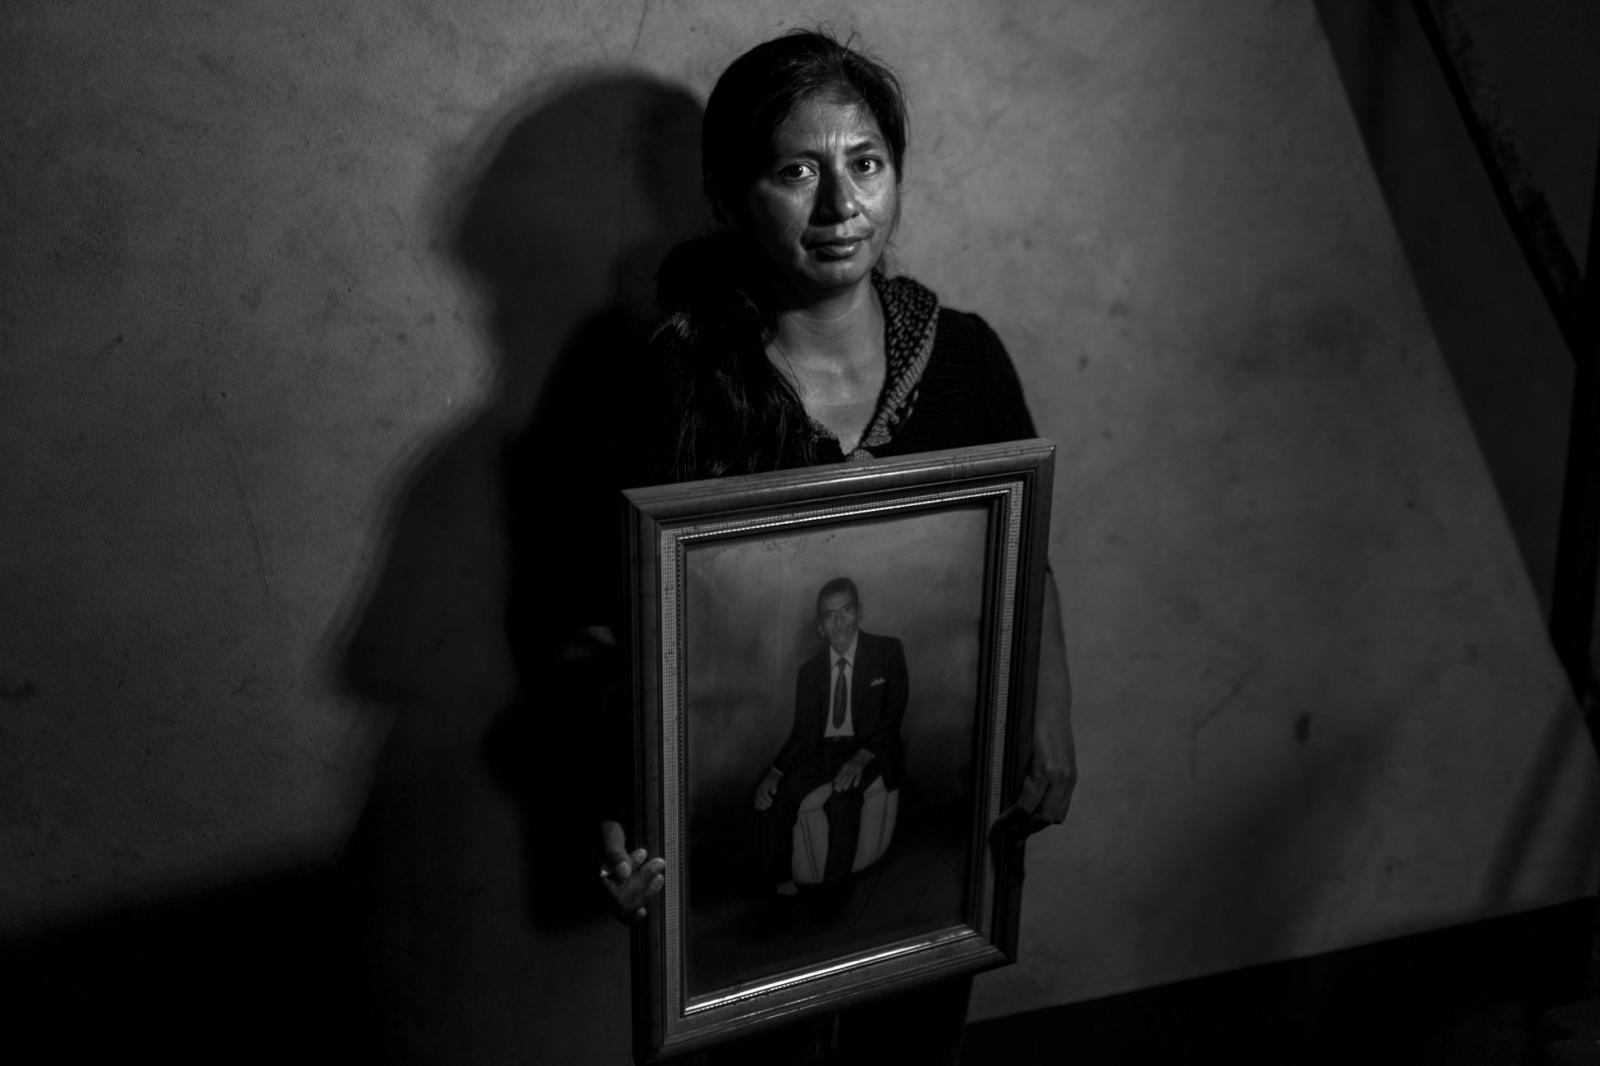 Zoraida Pozo Morales, quien perdió a su madre, abuelo y tíos,posa con el retratode su abuelo Claudio durante el velorio en Ocros, Ayacucho.